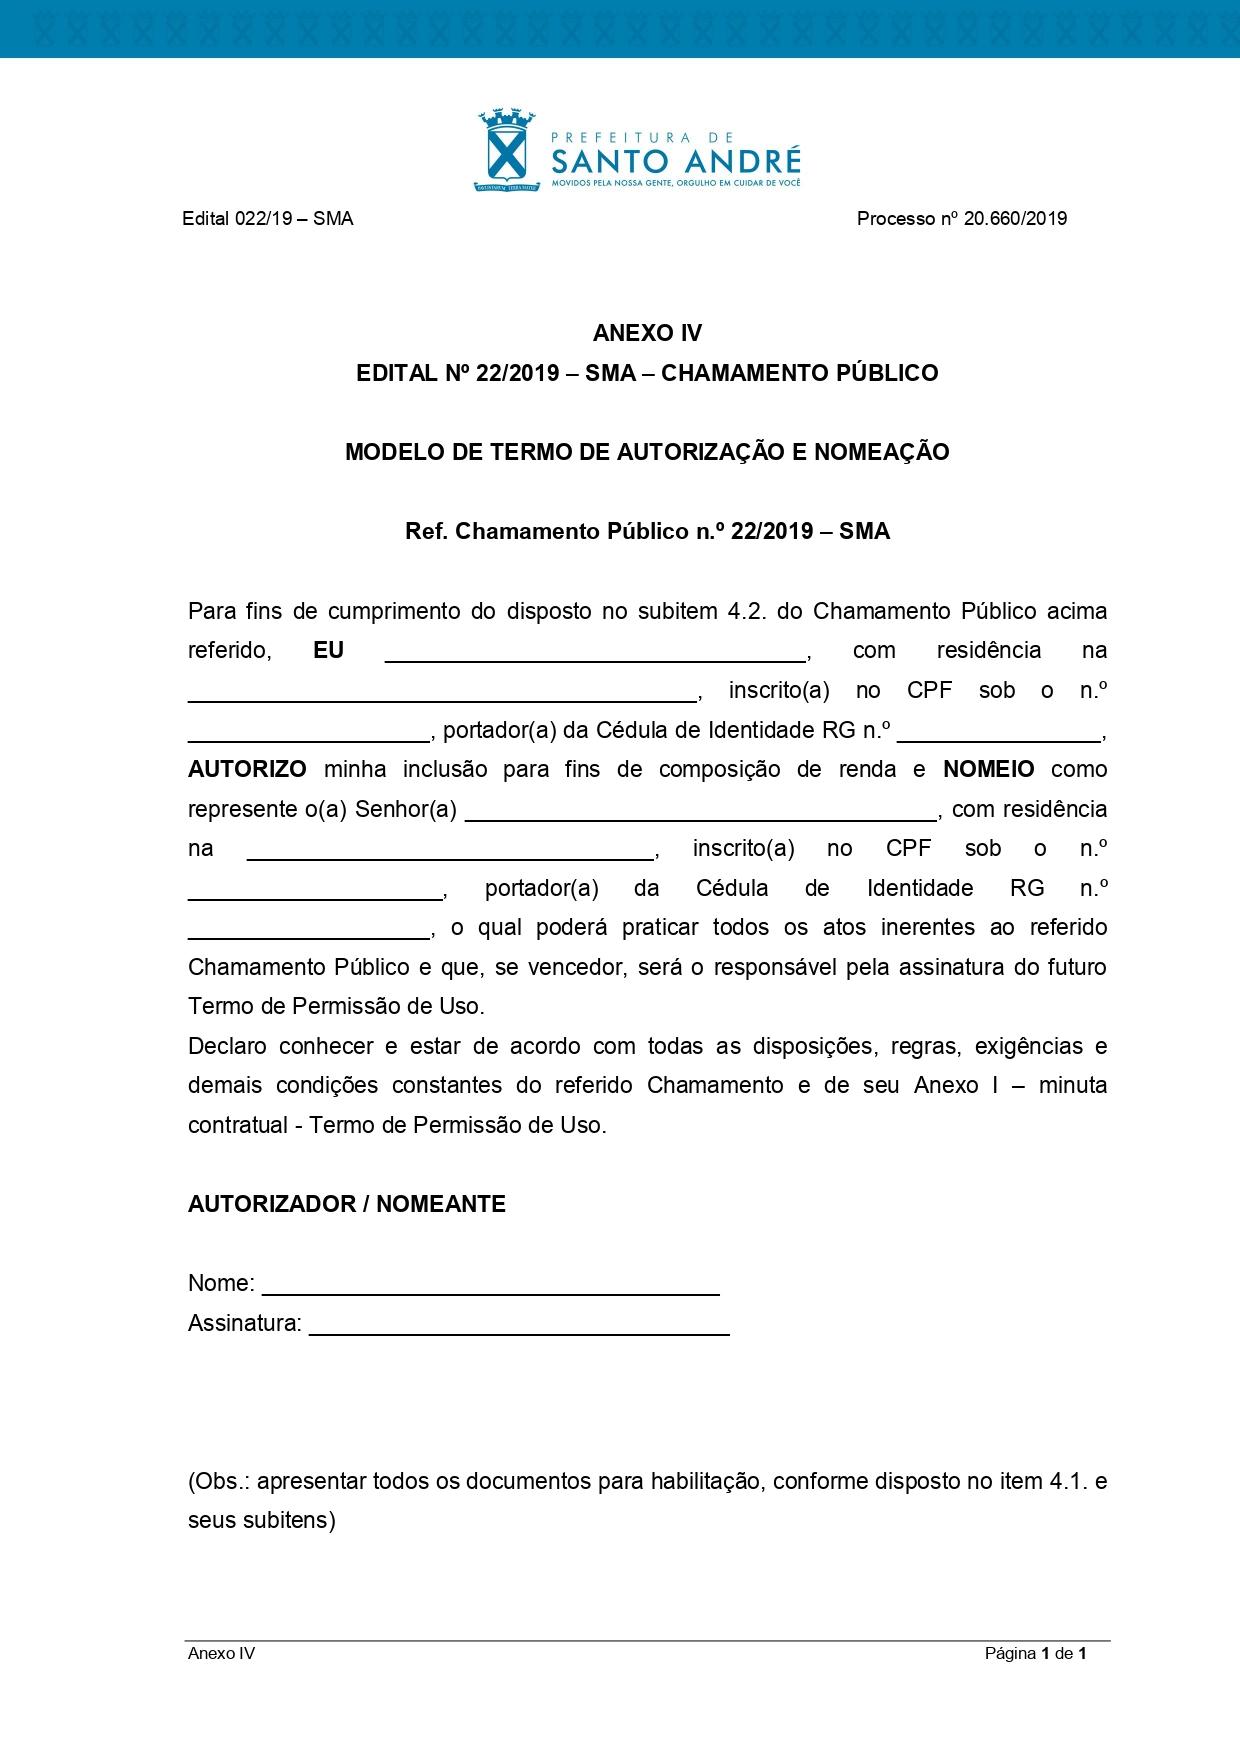 EDITAL 022-2019_SMA_IMÓVEIS RESIDENCIAIS_5882_pages-to-jpg-0019